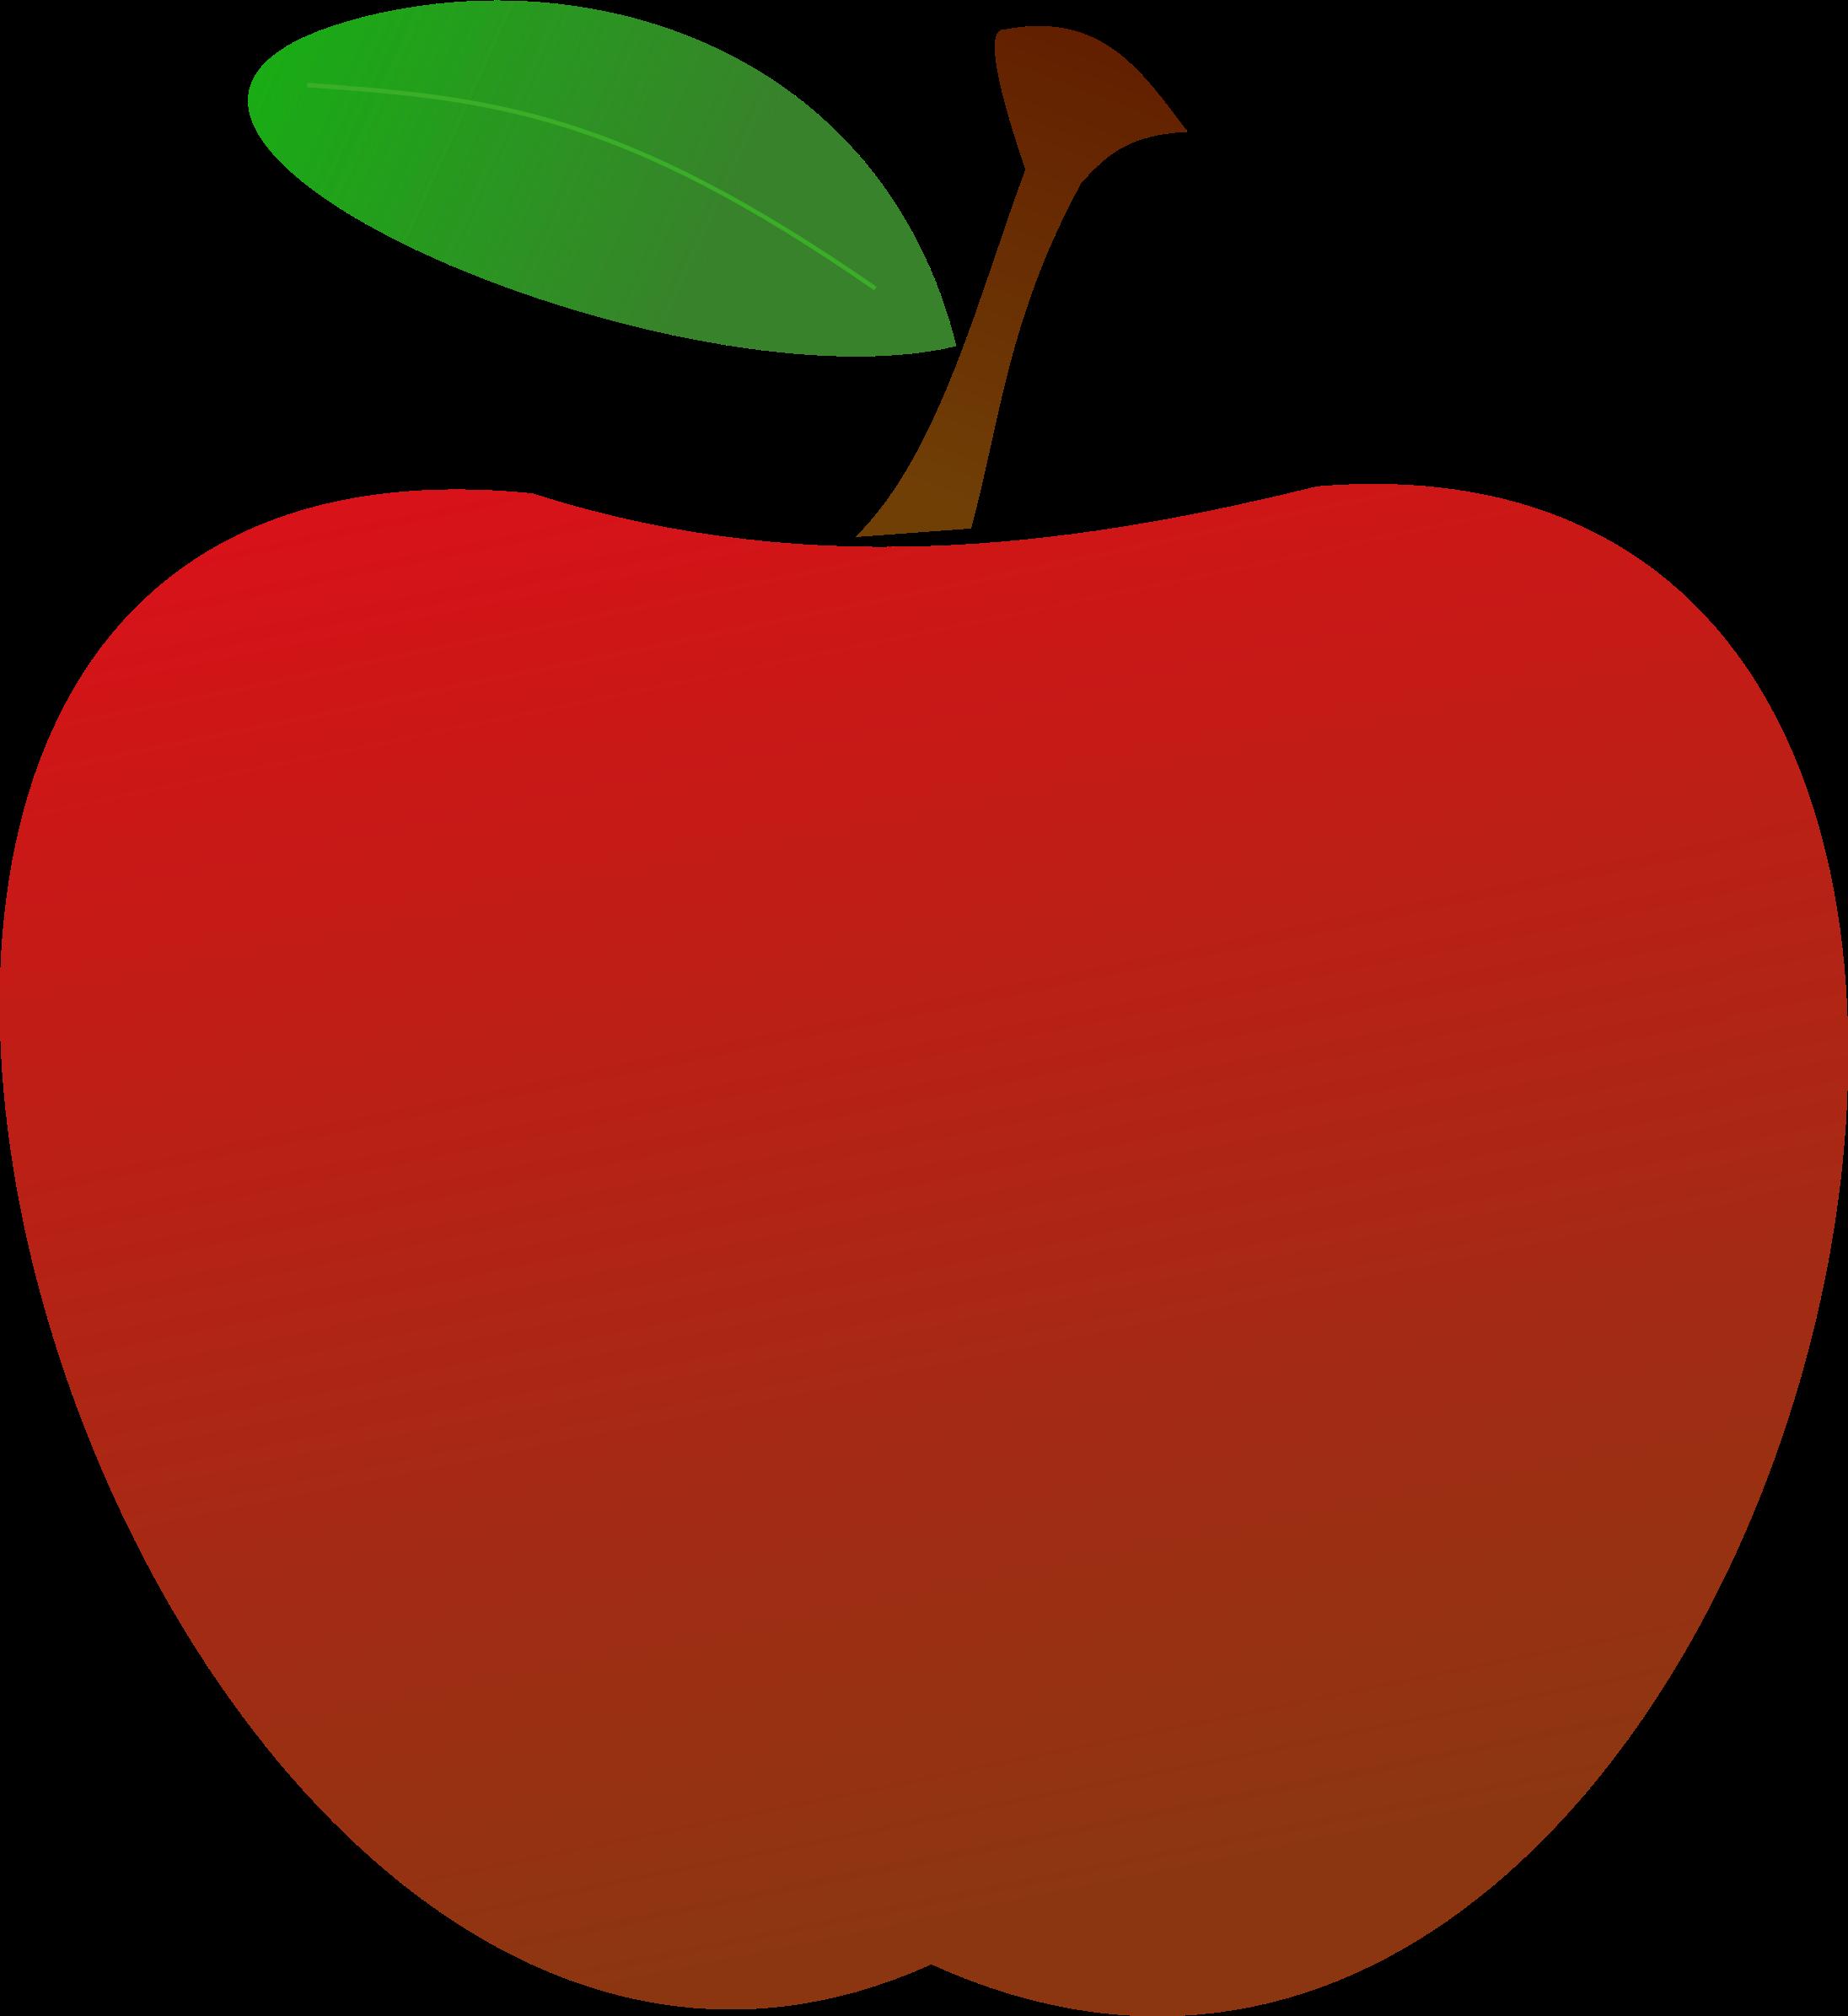 Divider clipart apple, Divider apple Transparent FREE for.